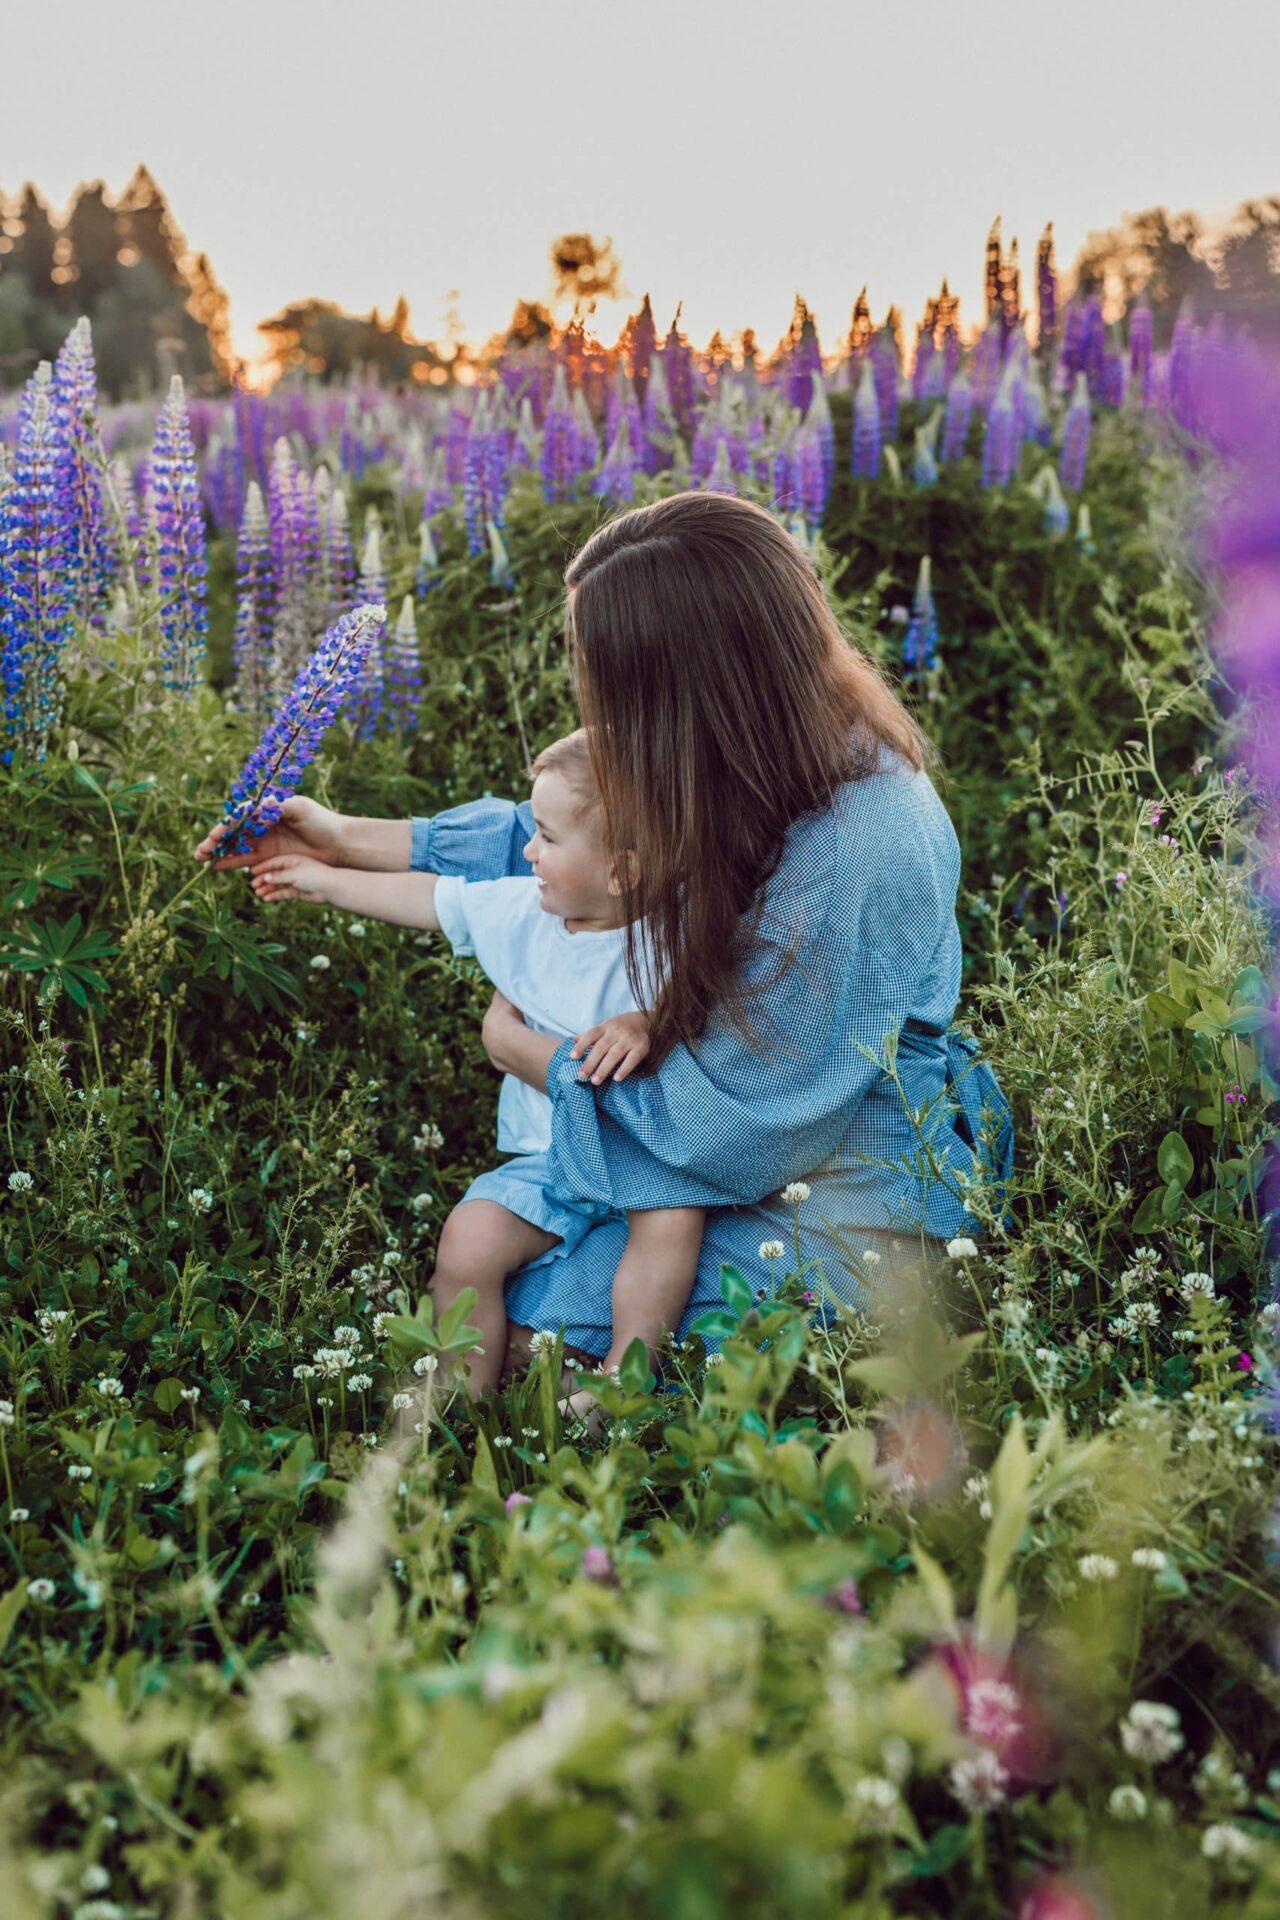 Gastouder samen met kindje tussen de bloemen de wereld aan het ontdekken